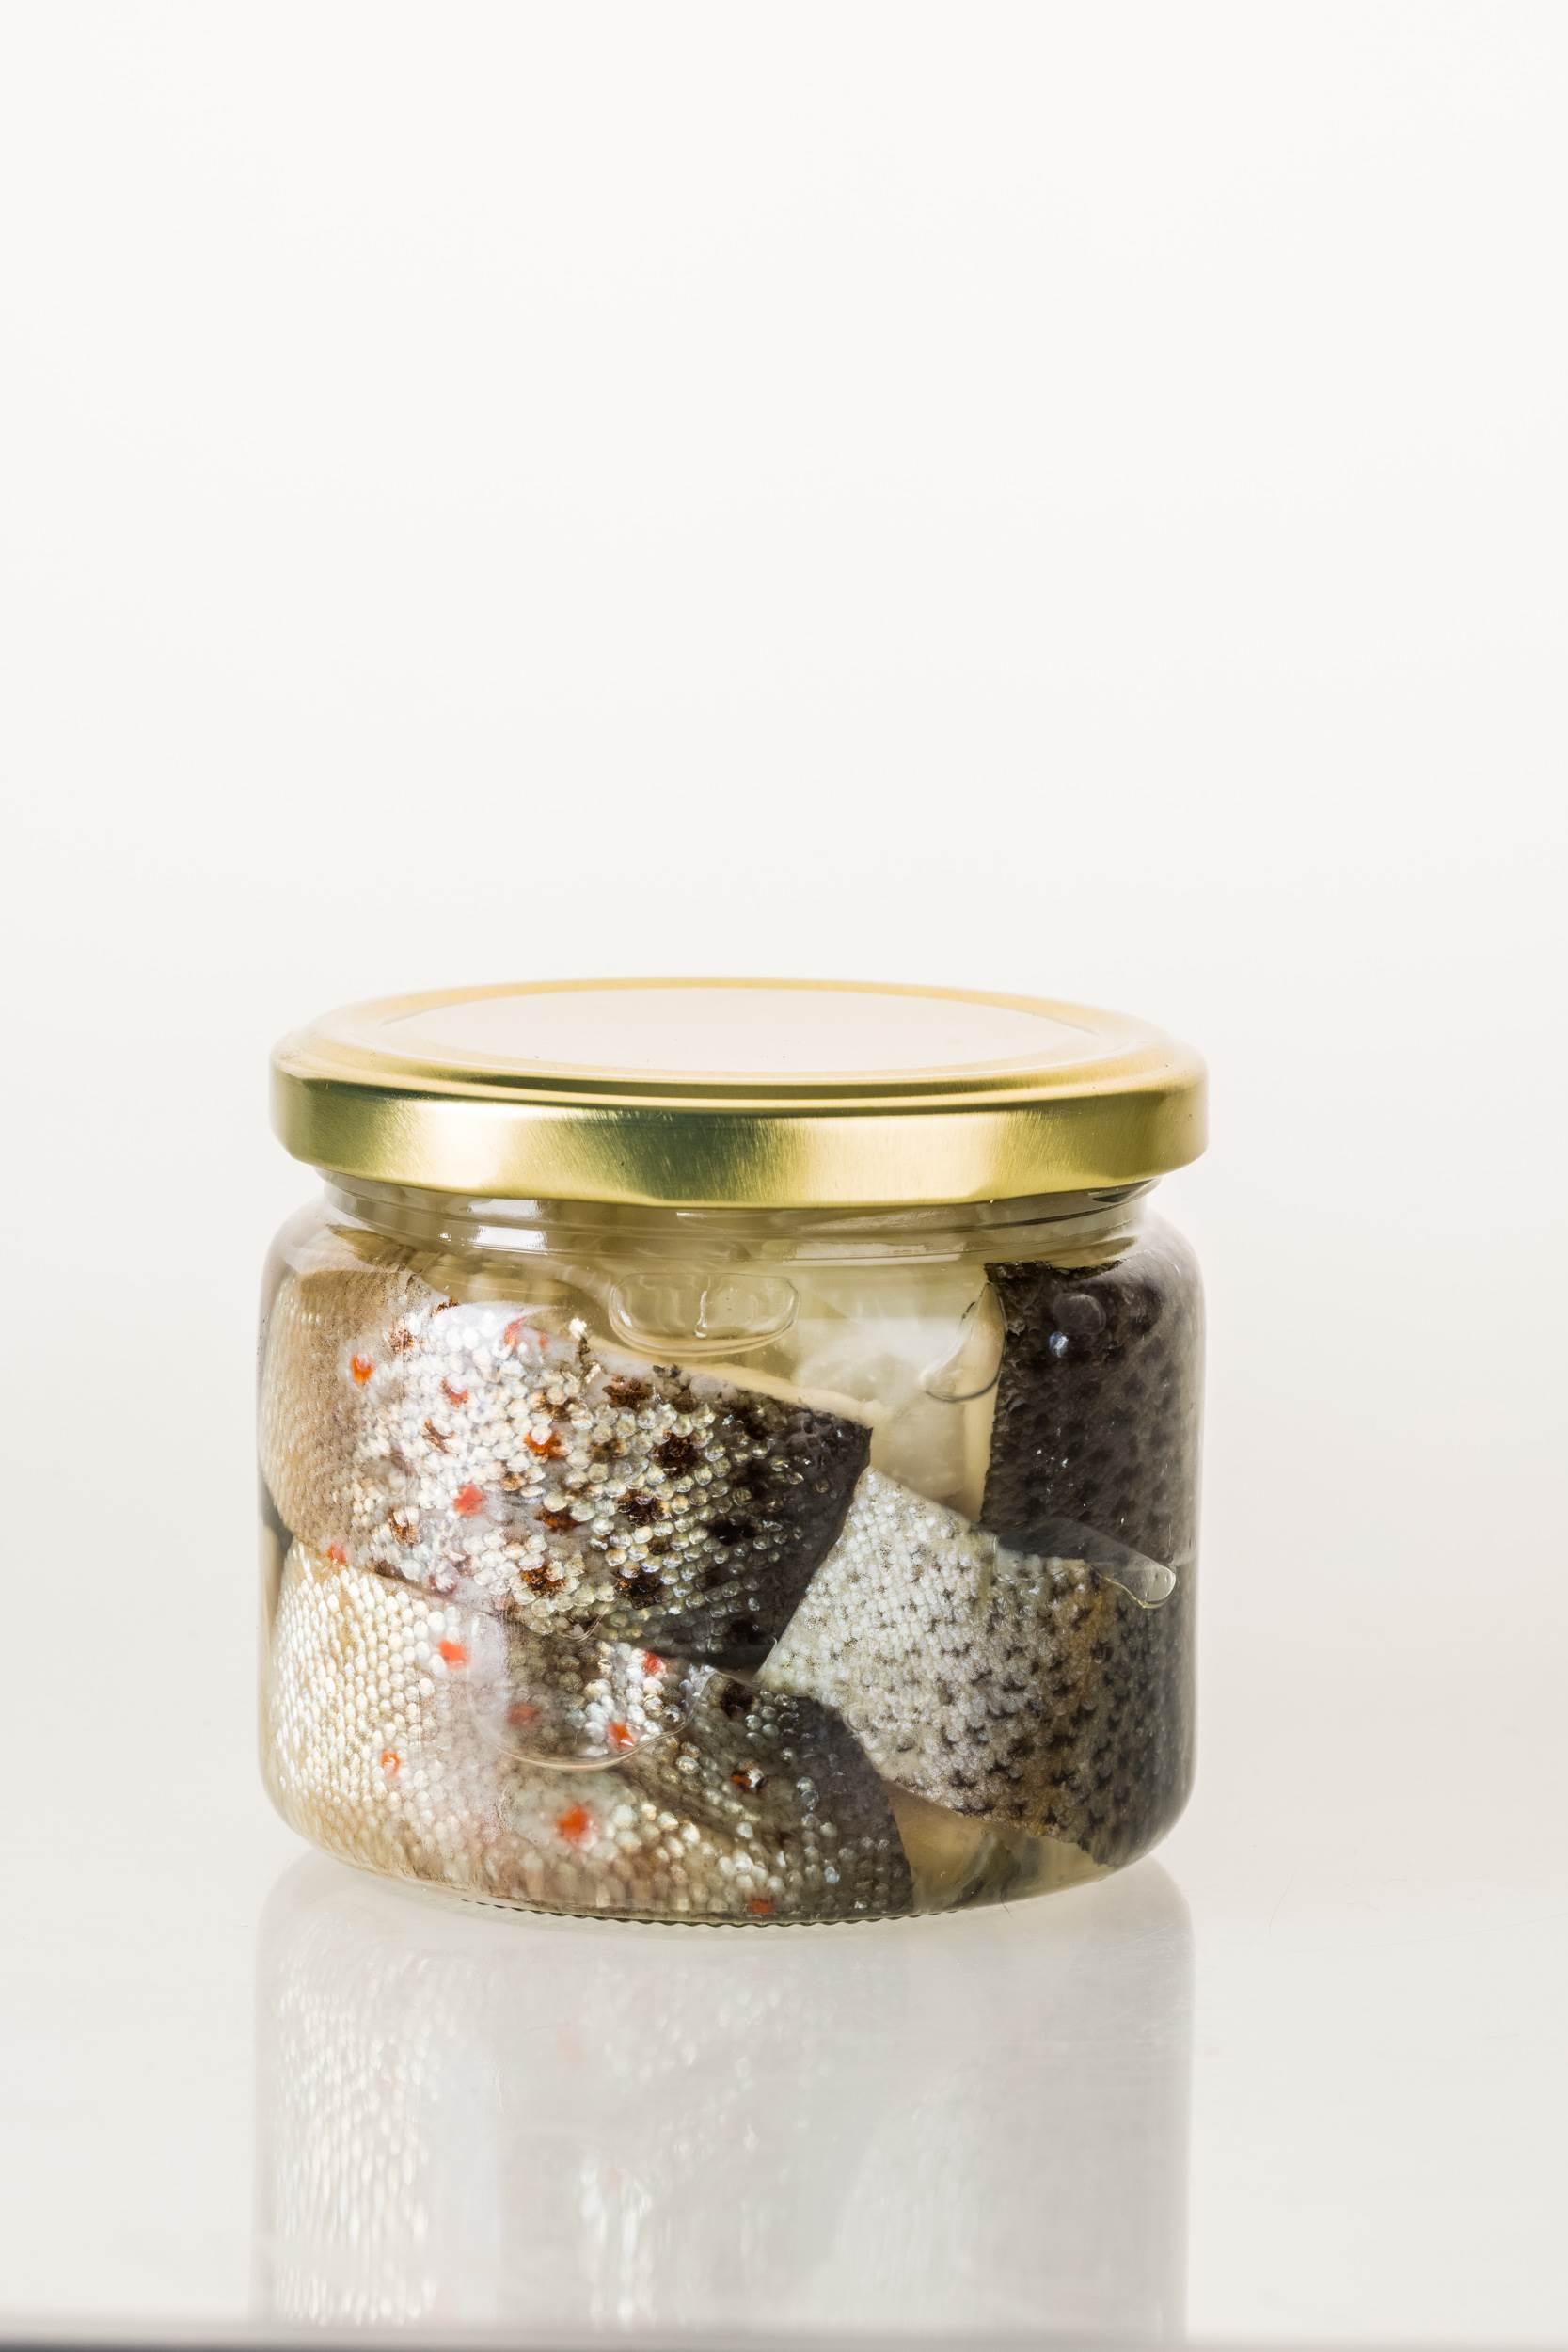 Fischfarm Sigleß - Eingelegter Fisch im Glas